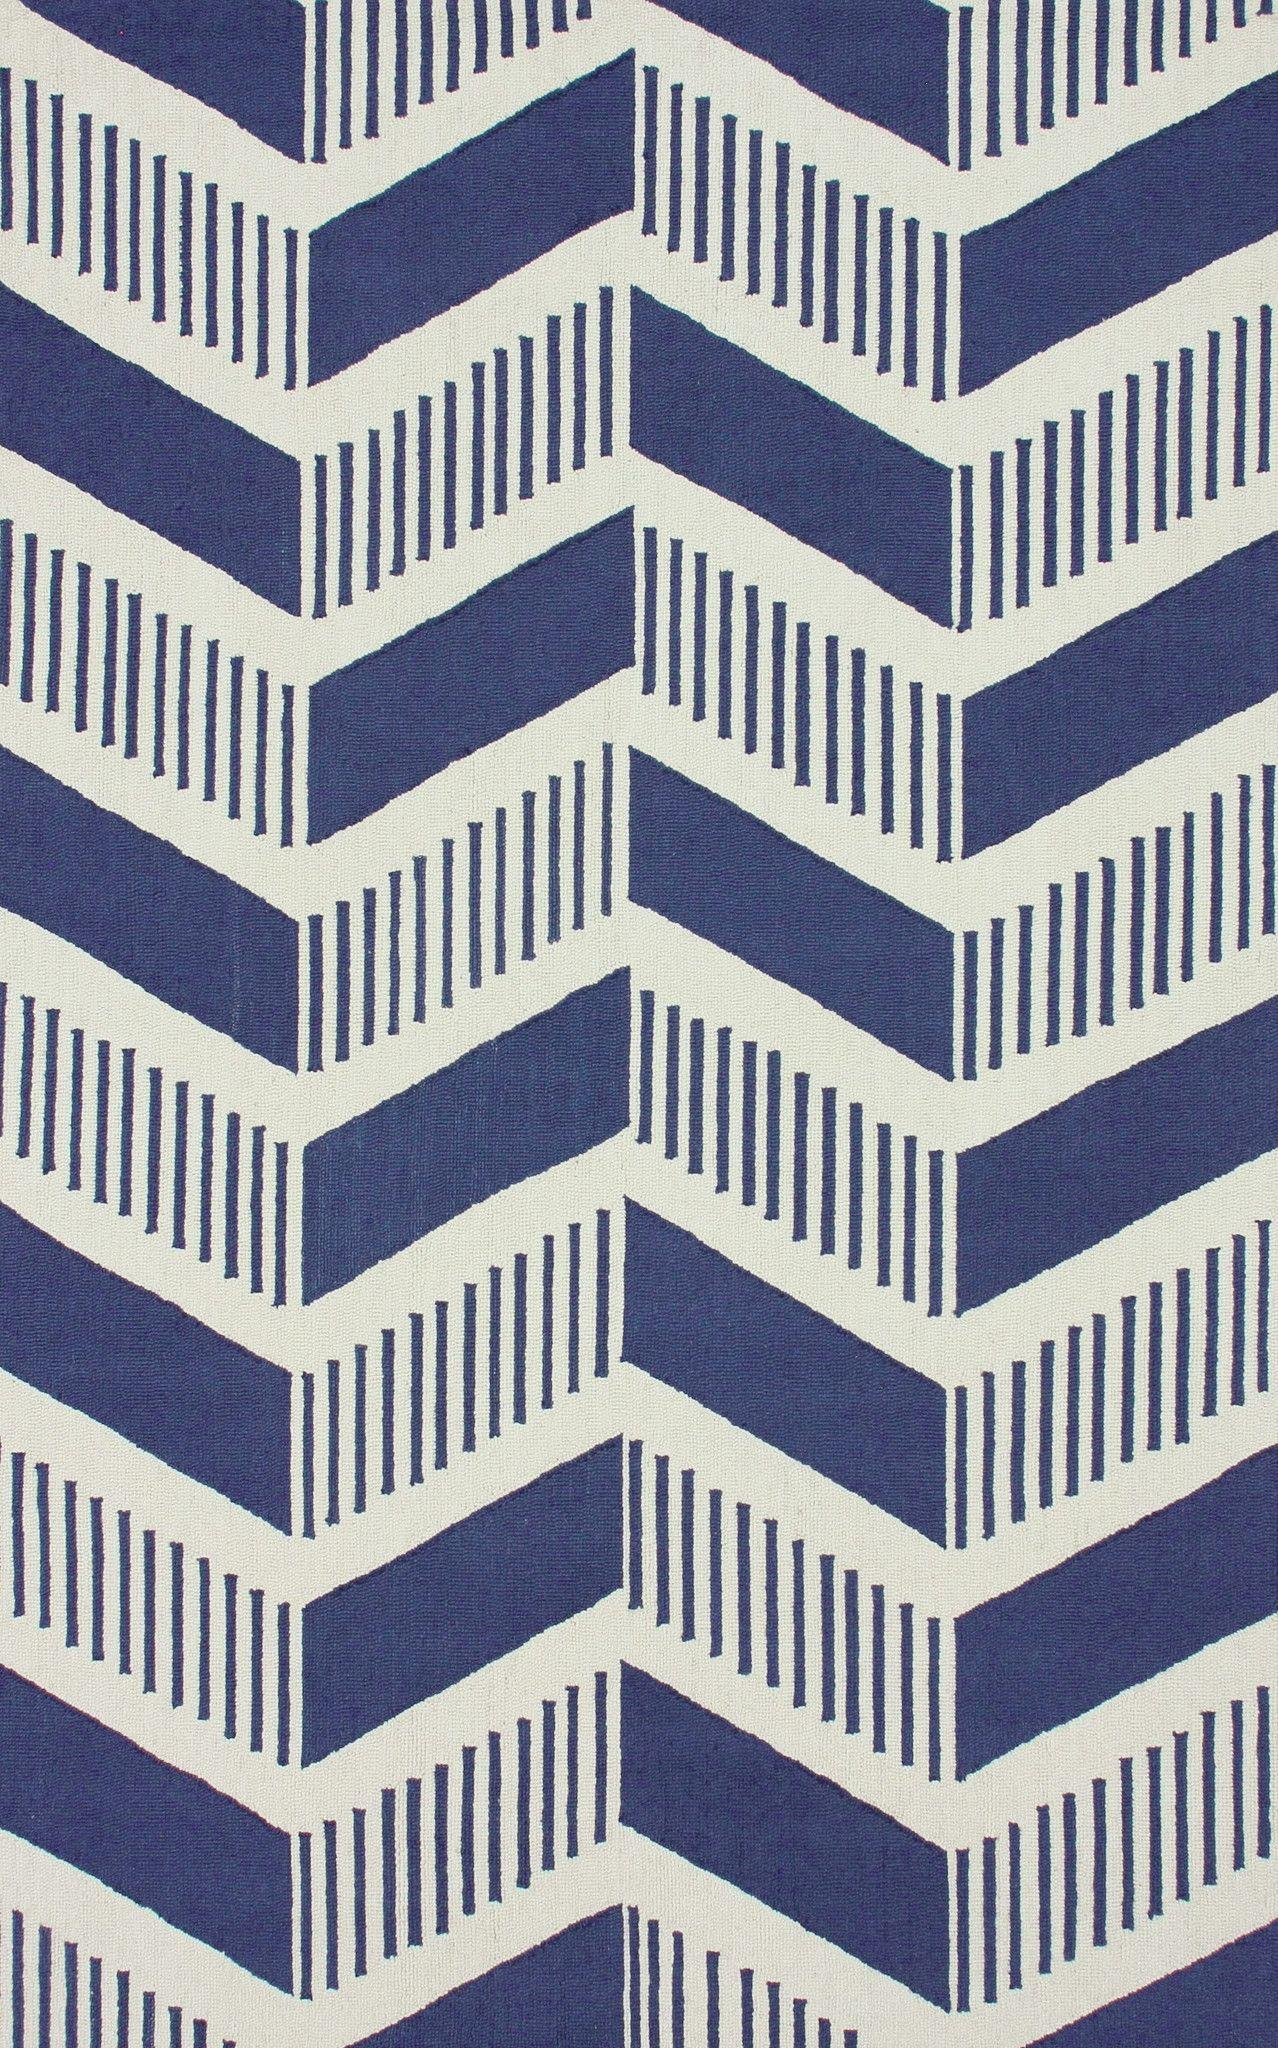 Patterns Like Chevron